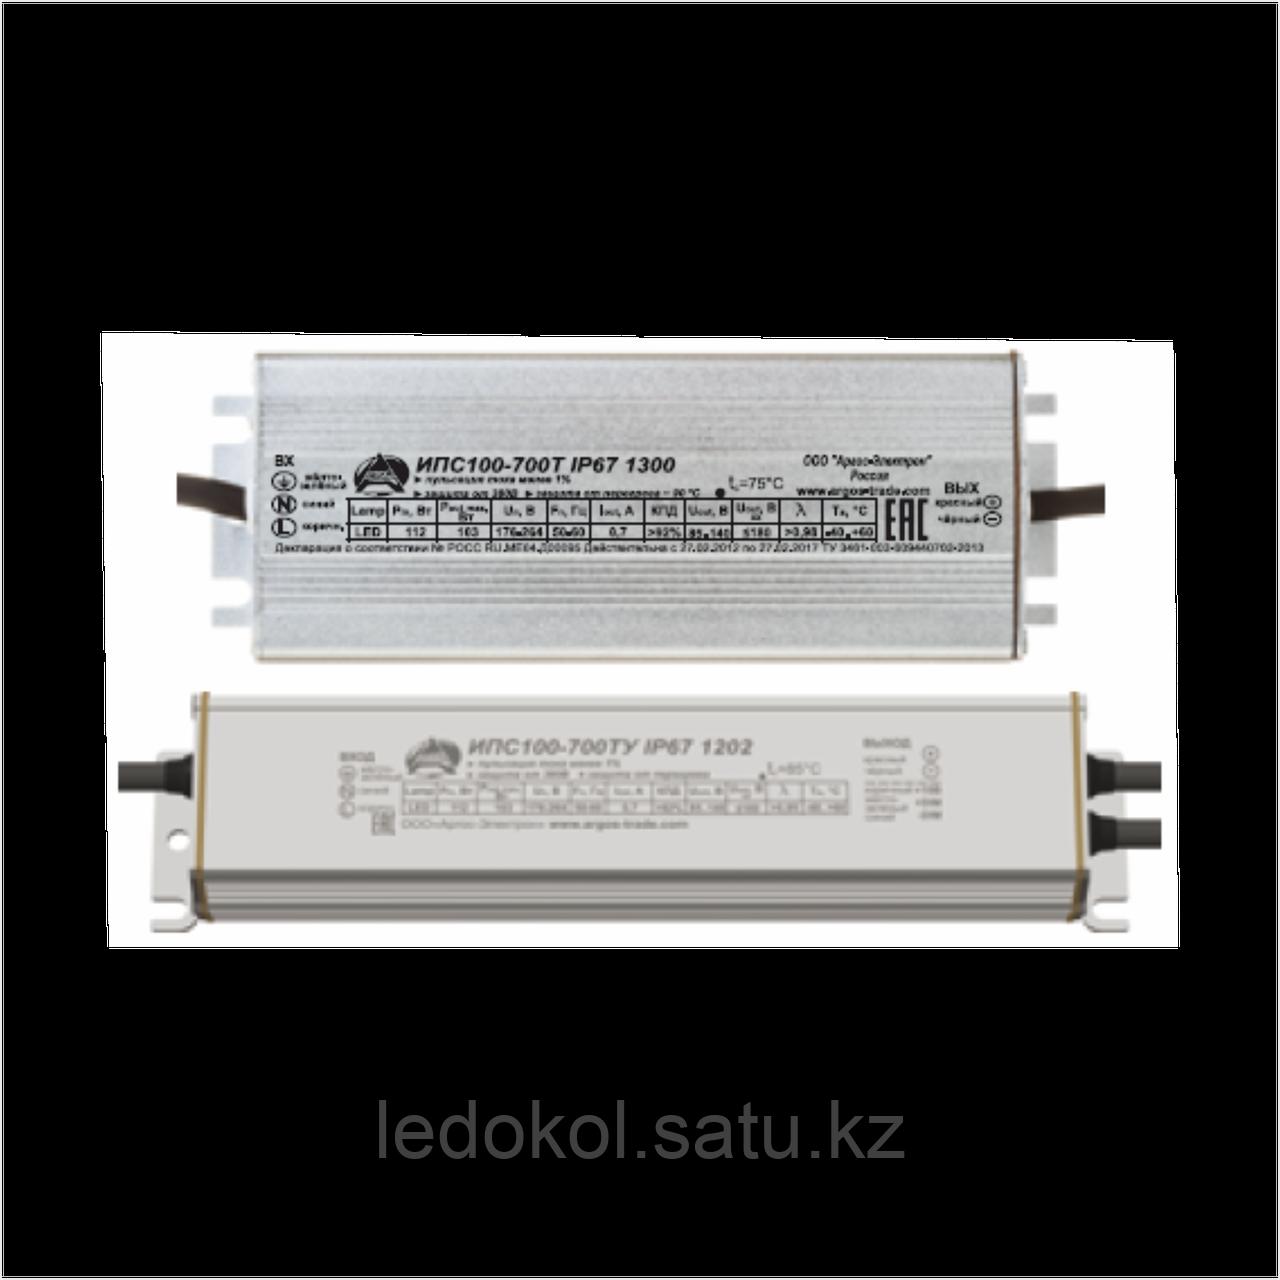 Источник питания Аргос 100-700ТПУ(400-700) IP67 ПРОМ 1313